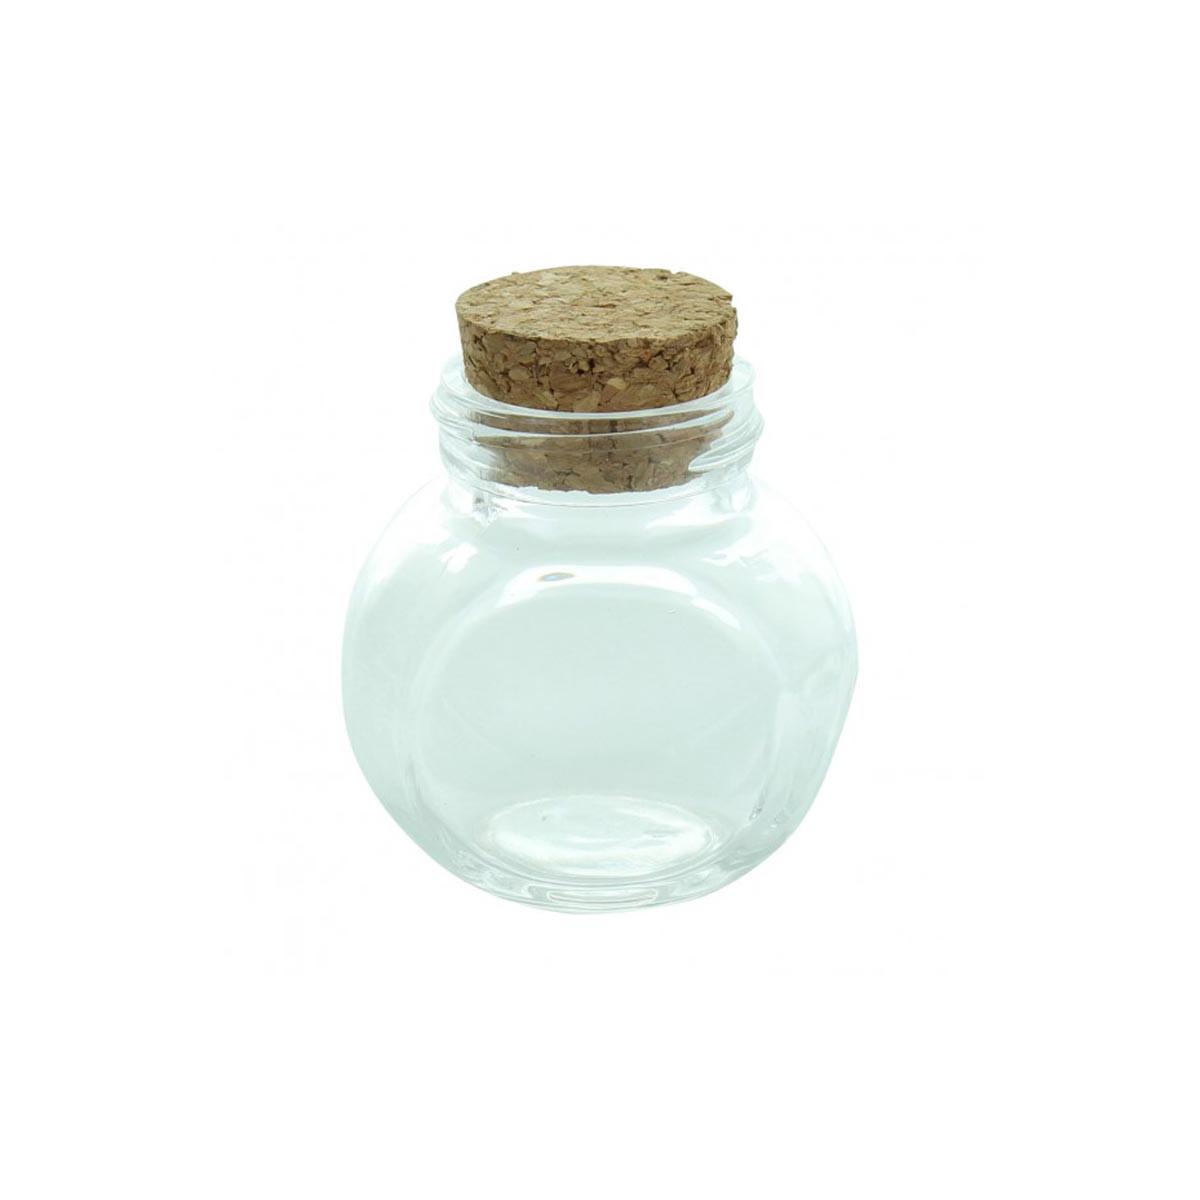 x1 Pot en verre dragées bouchon liège